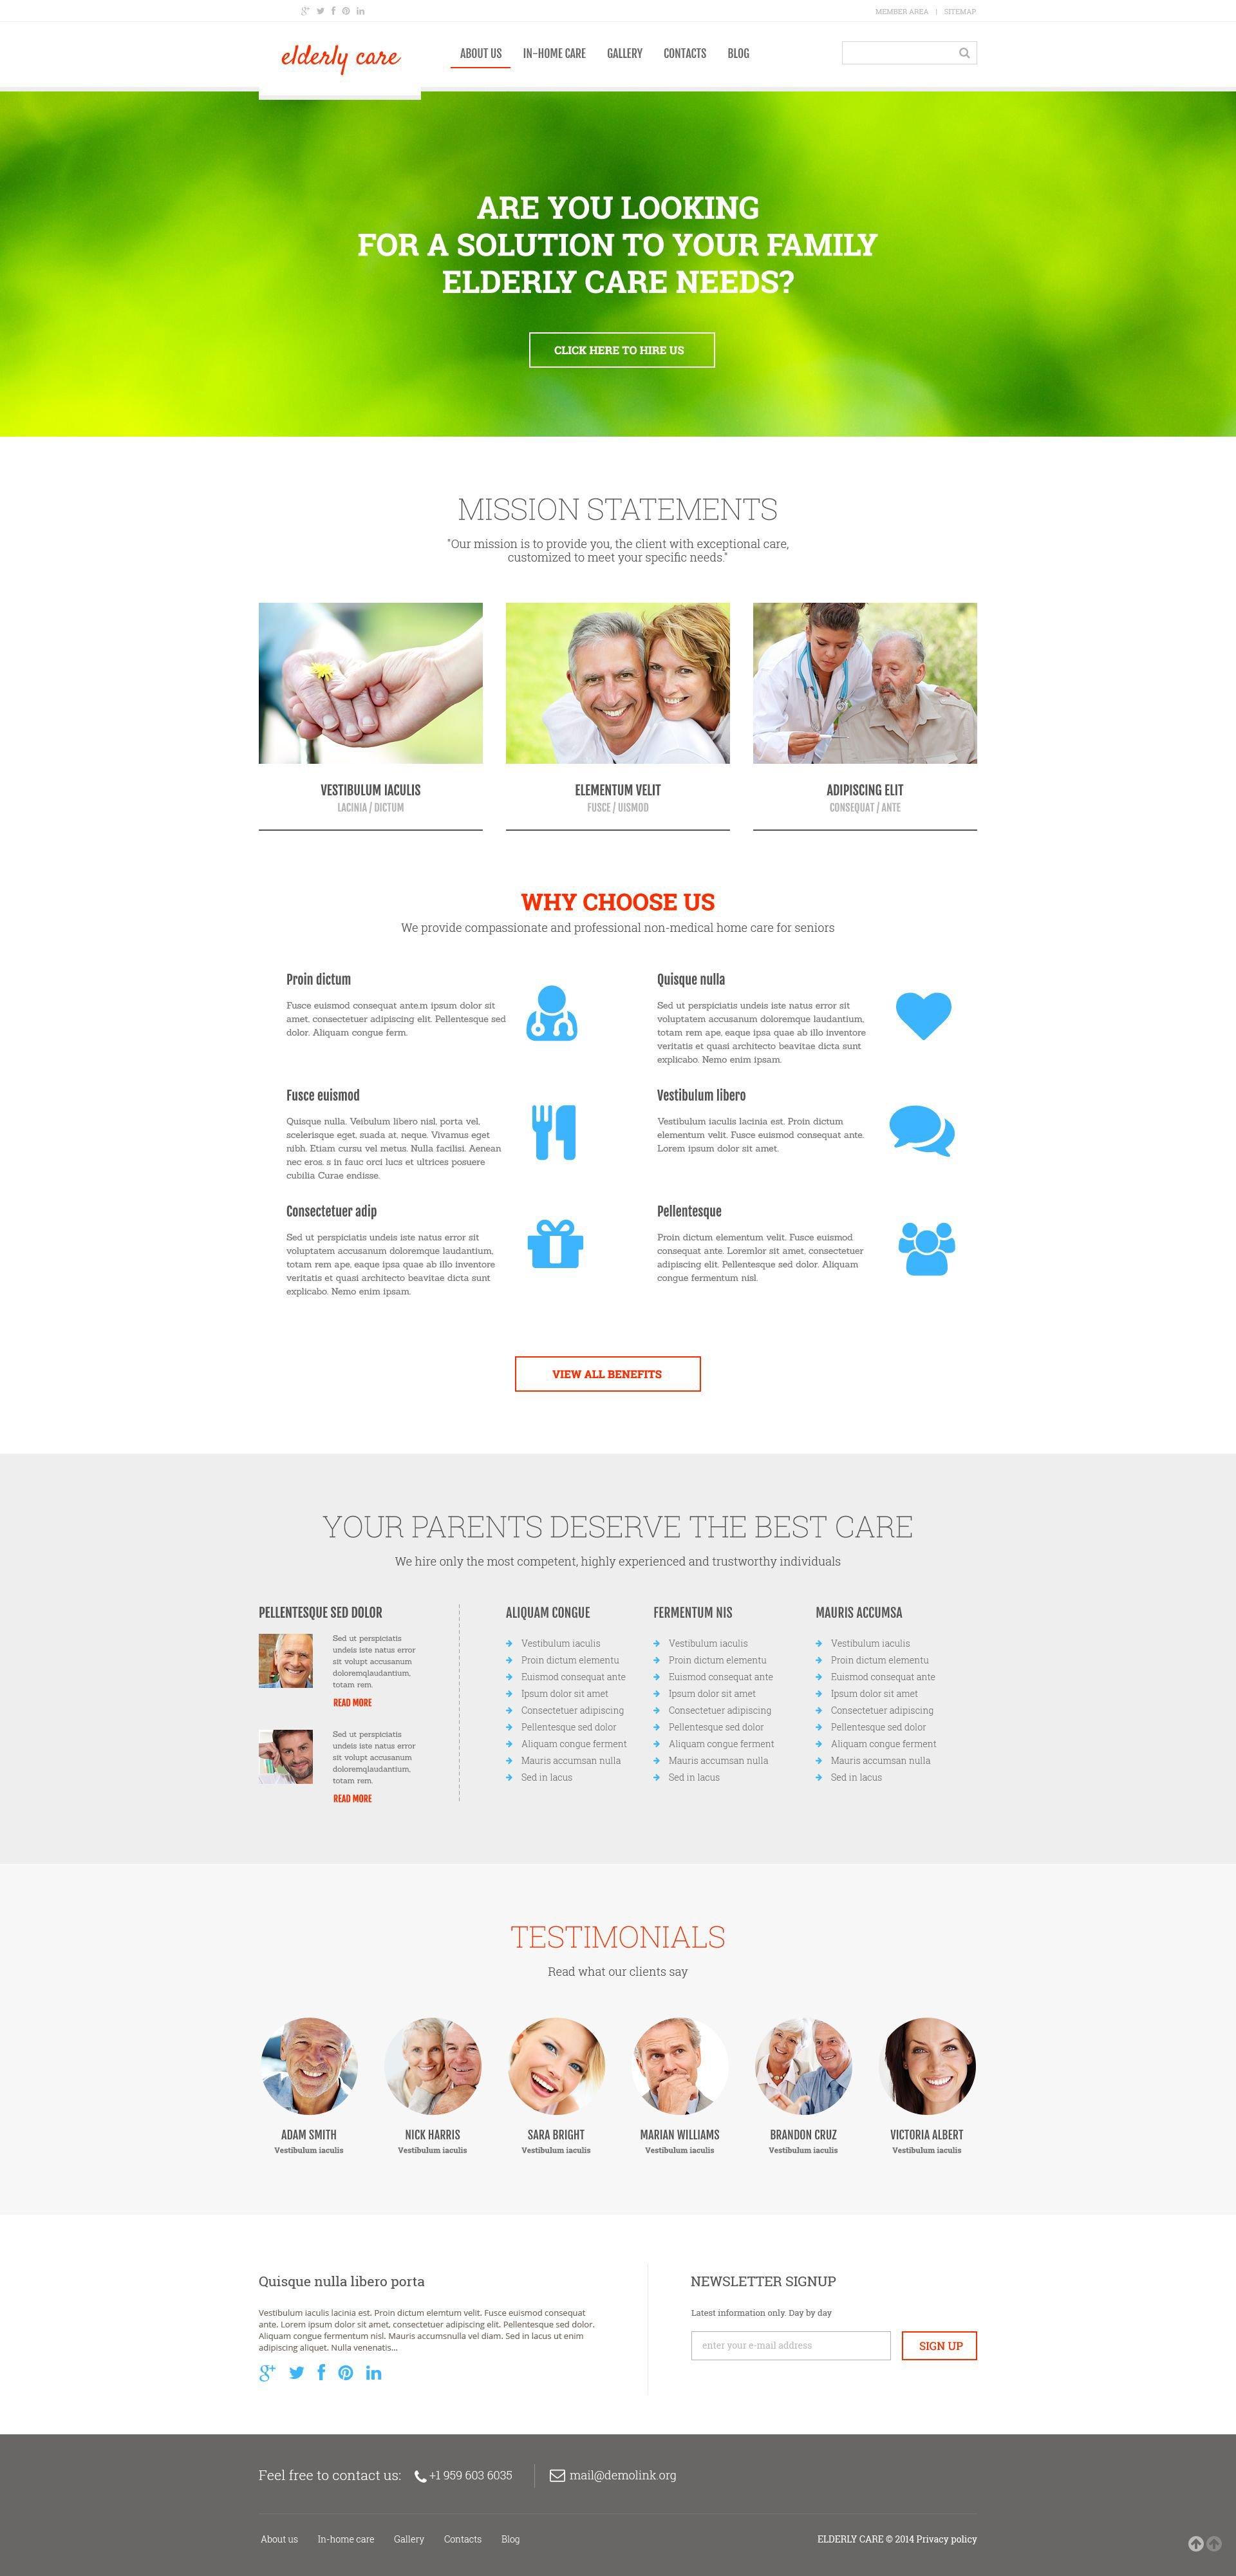 Адаптивний WordPress шаблон на тему догляд за людьми похилого віку №52970